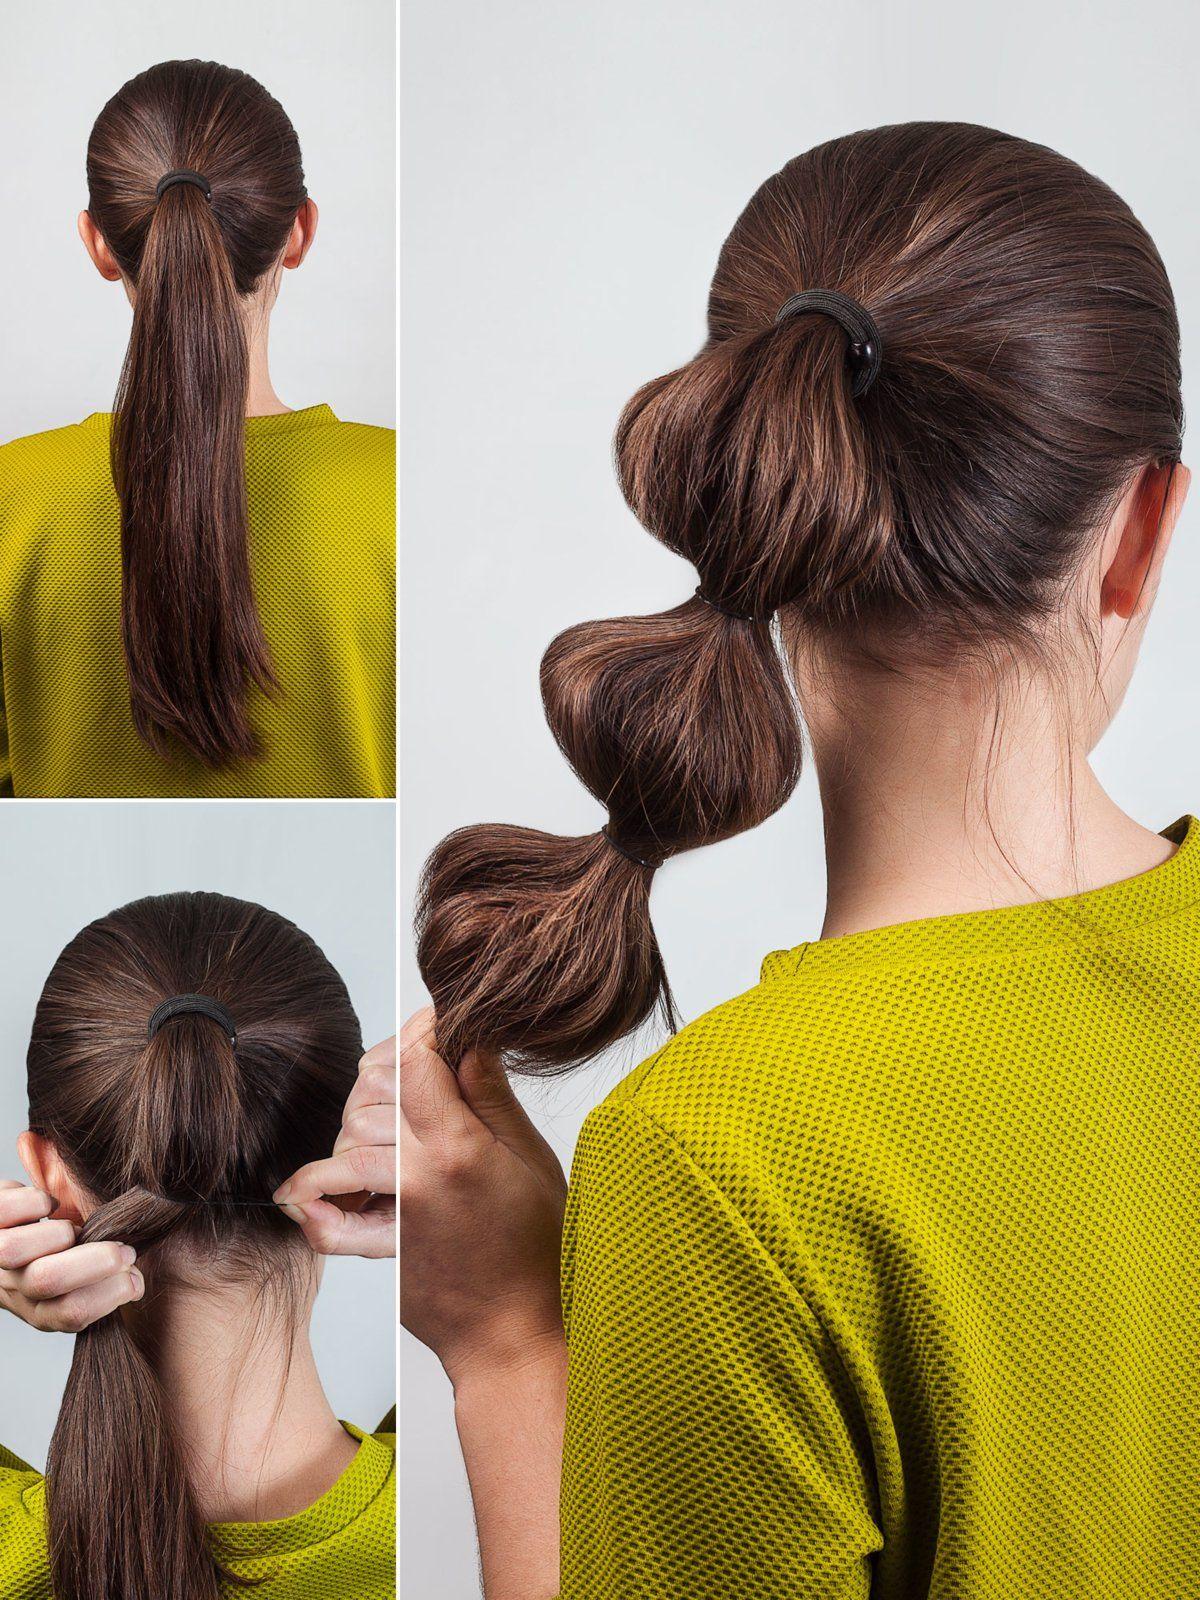 Step By Step Die 10 Schönsten Frisuren Zum Nachstylen Diy Haare